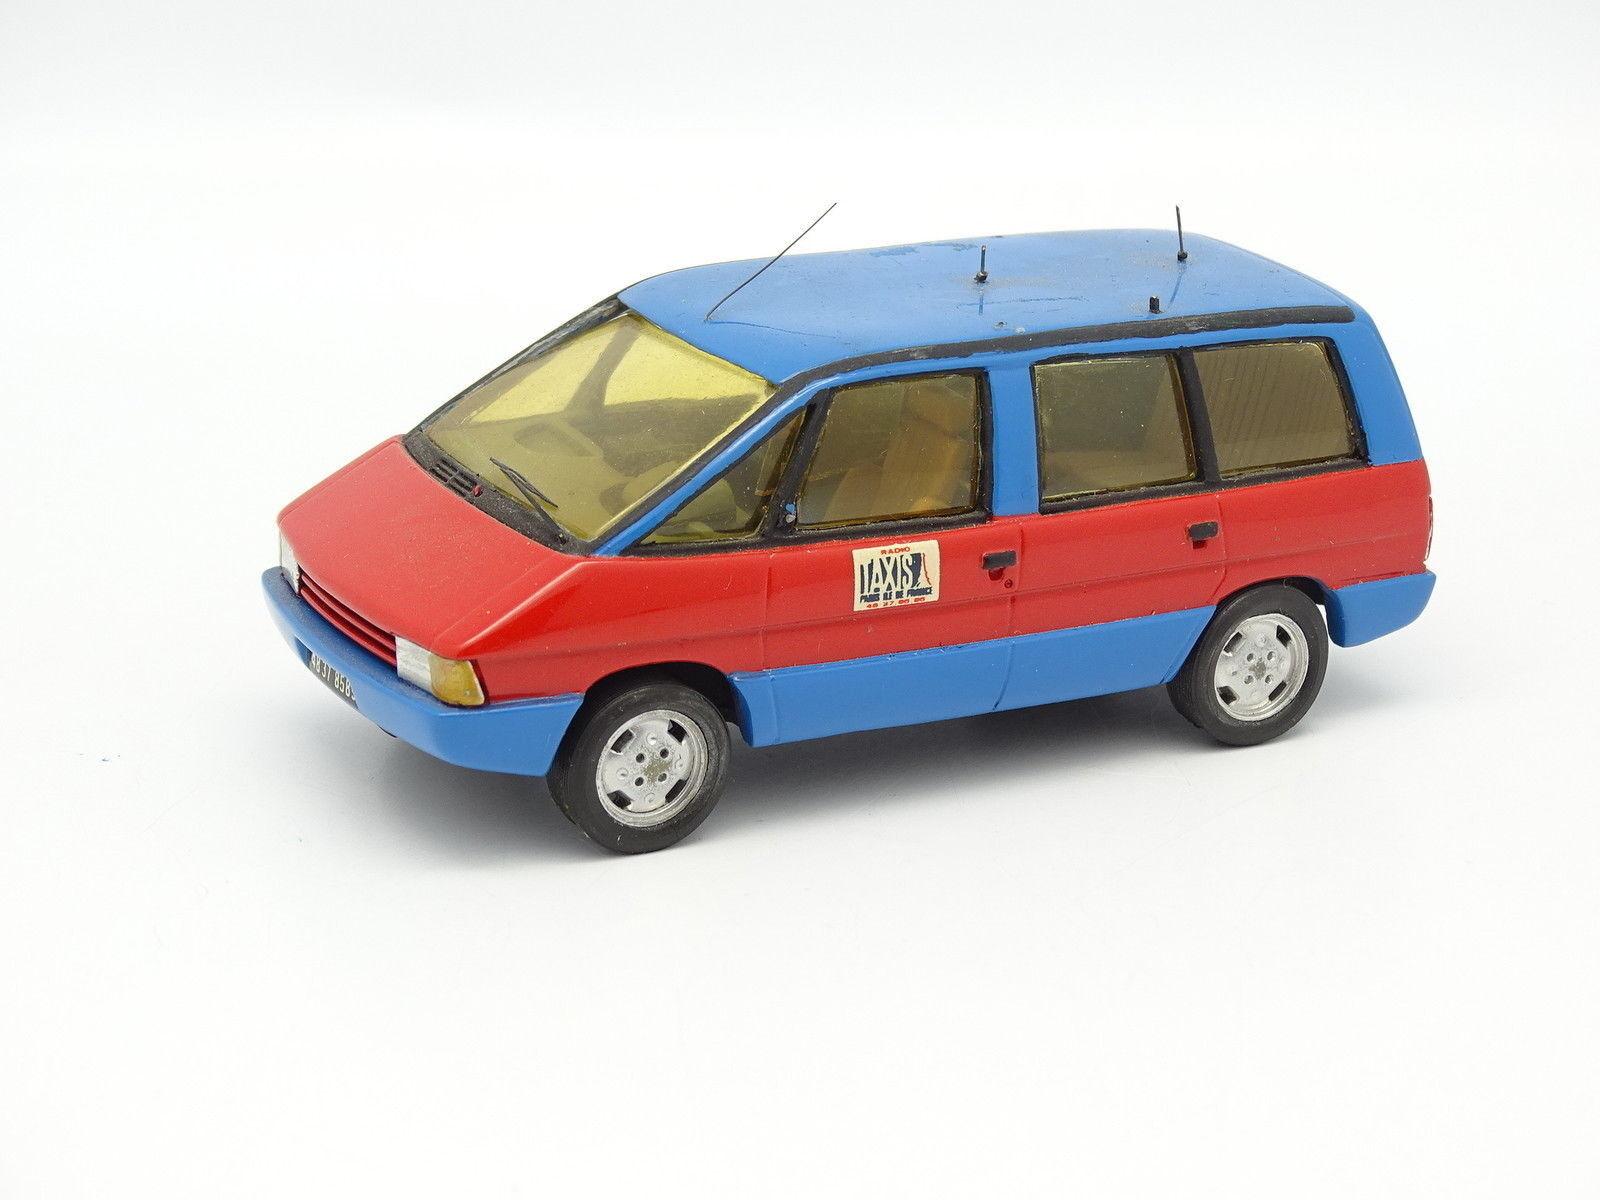 Gaffe Kit monté Résine 1 43 - Renault Renault Renault Espace 1 Taxi Paris b03418